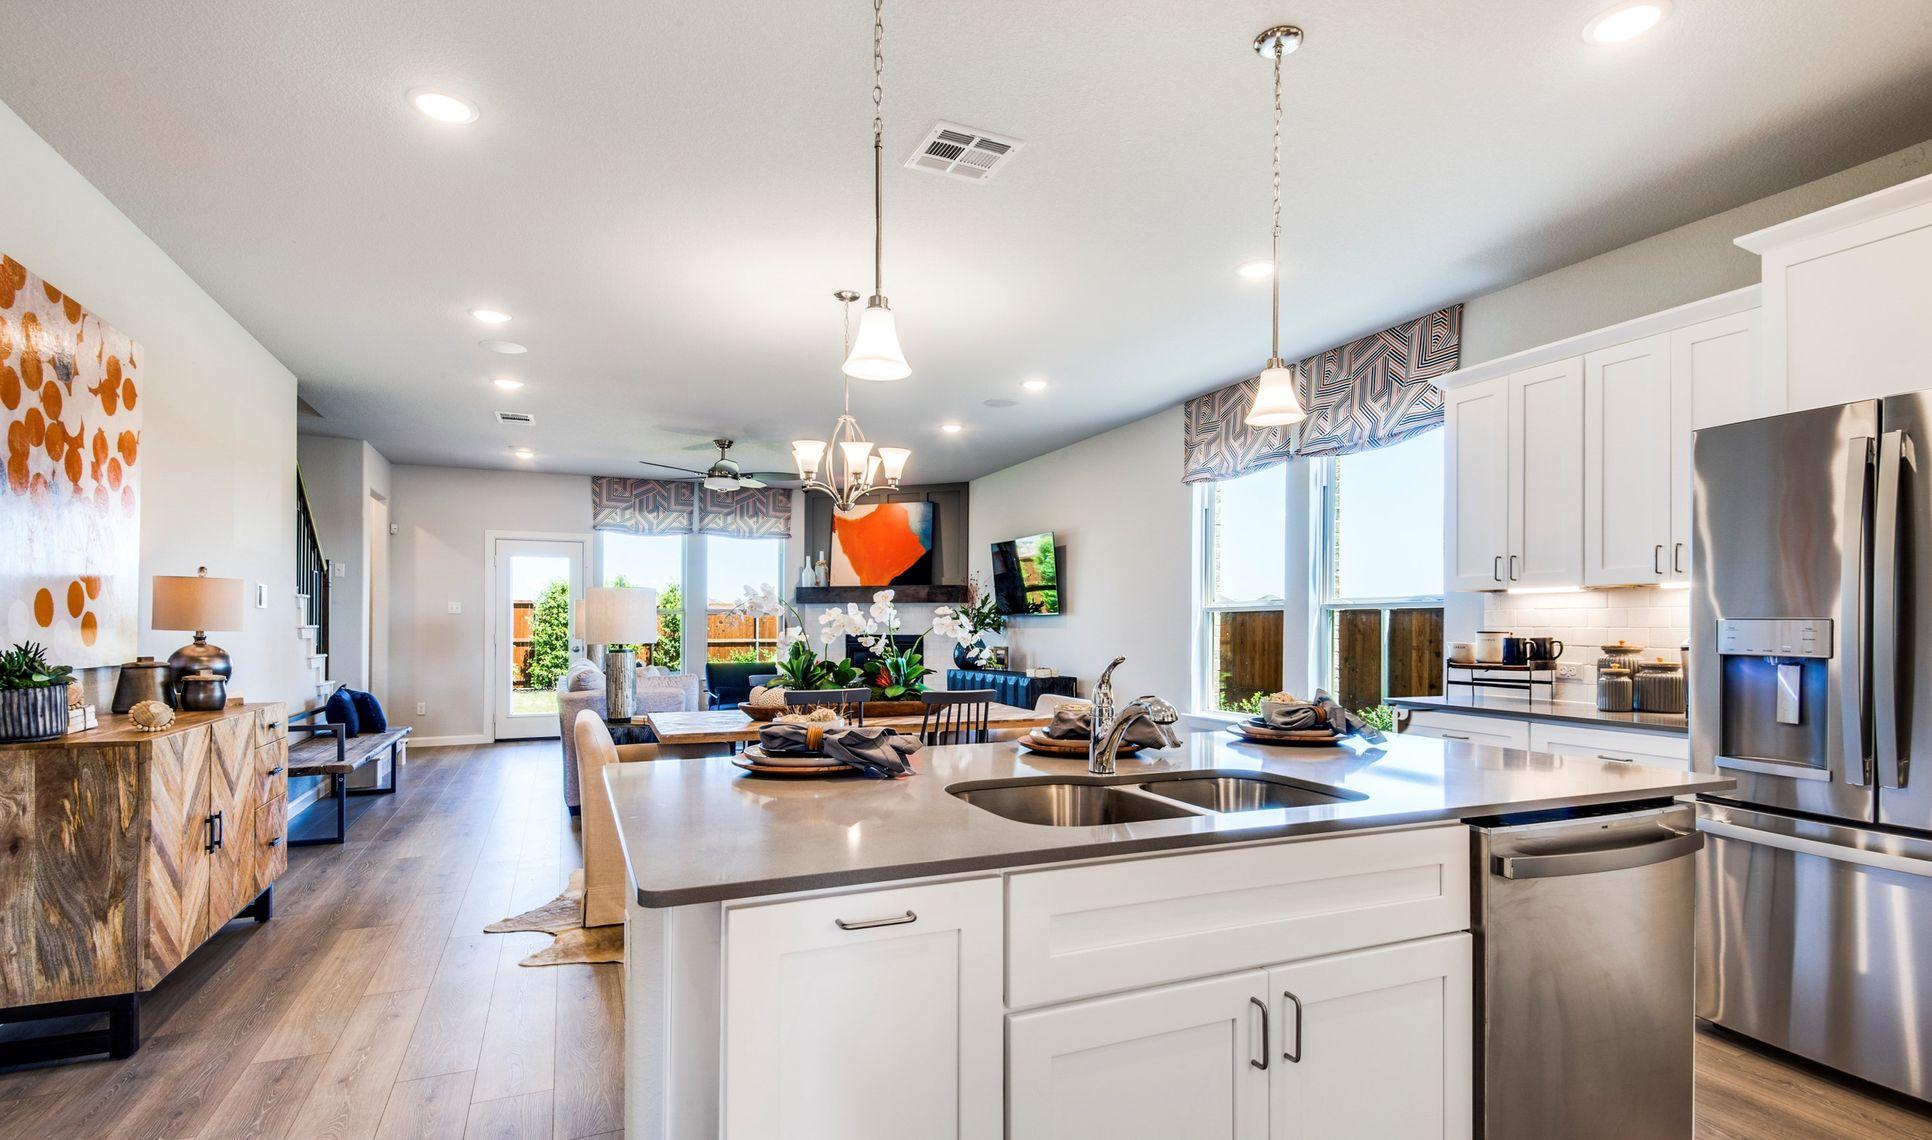 Interior:Stunning kitchen with island